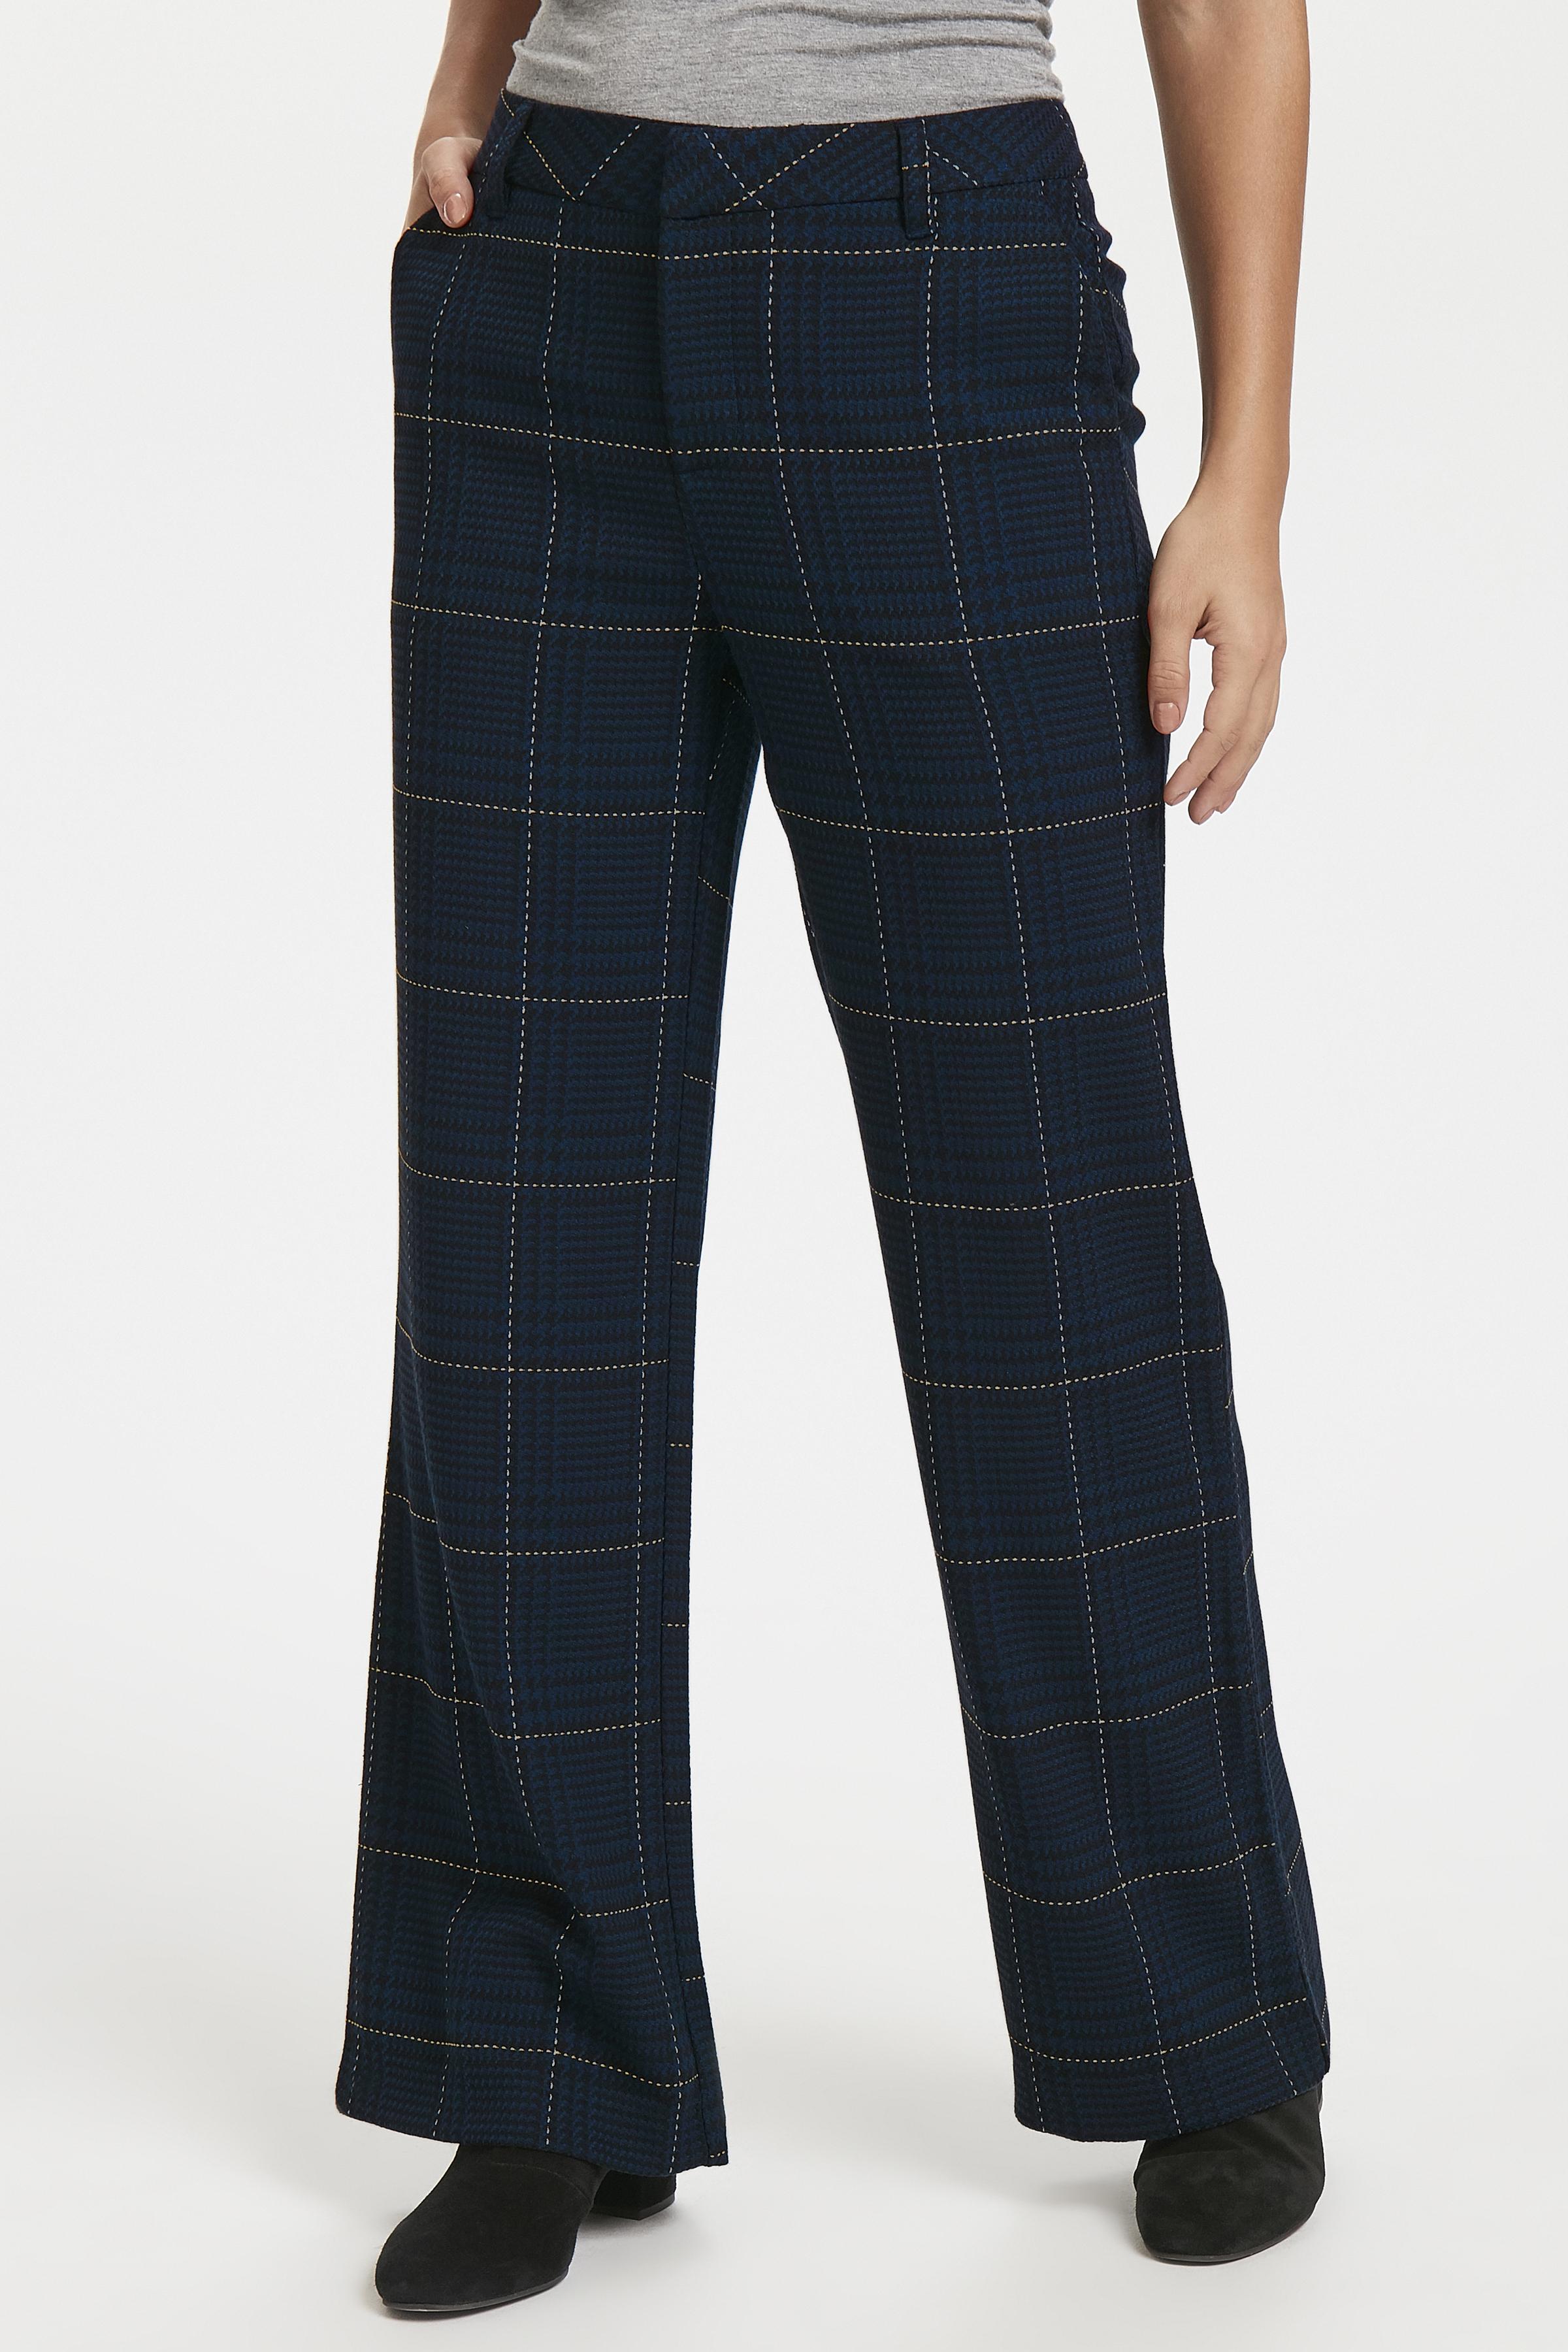 Marinblå Casual byxor från Pulz Jeans – Köp Marinblå Casual byxor från stl. 32-46 här